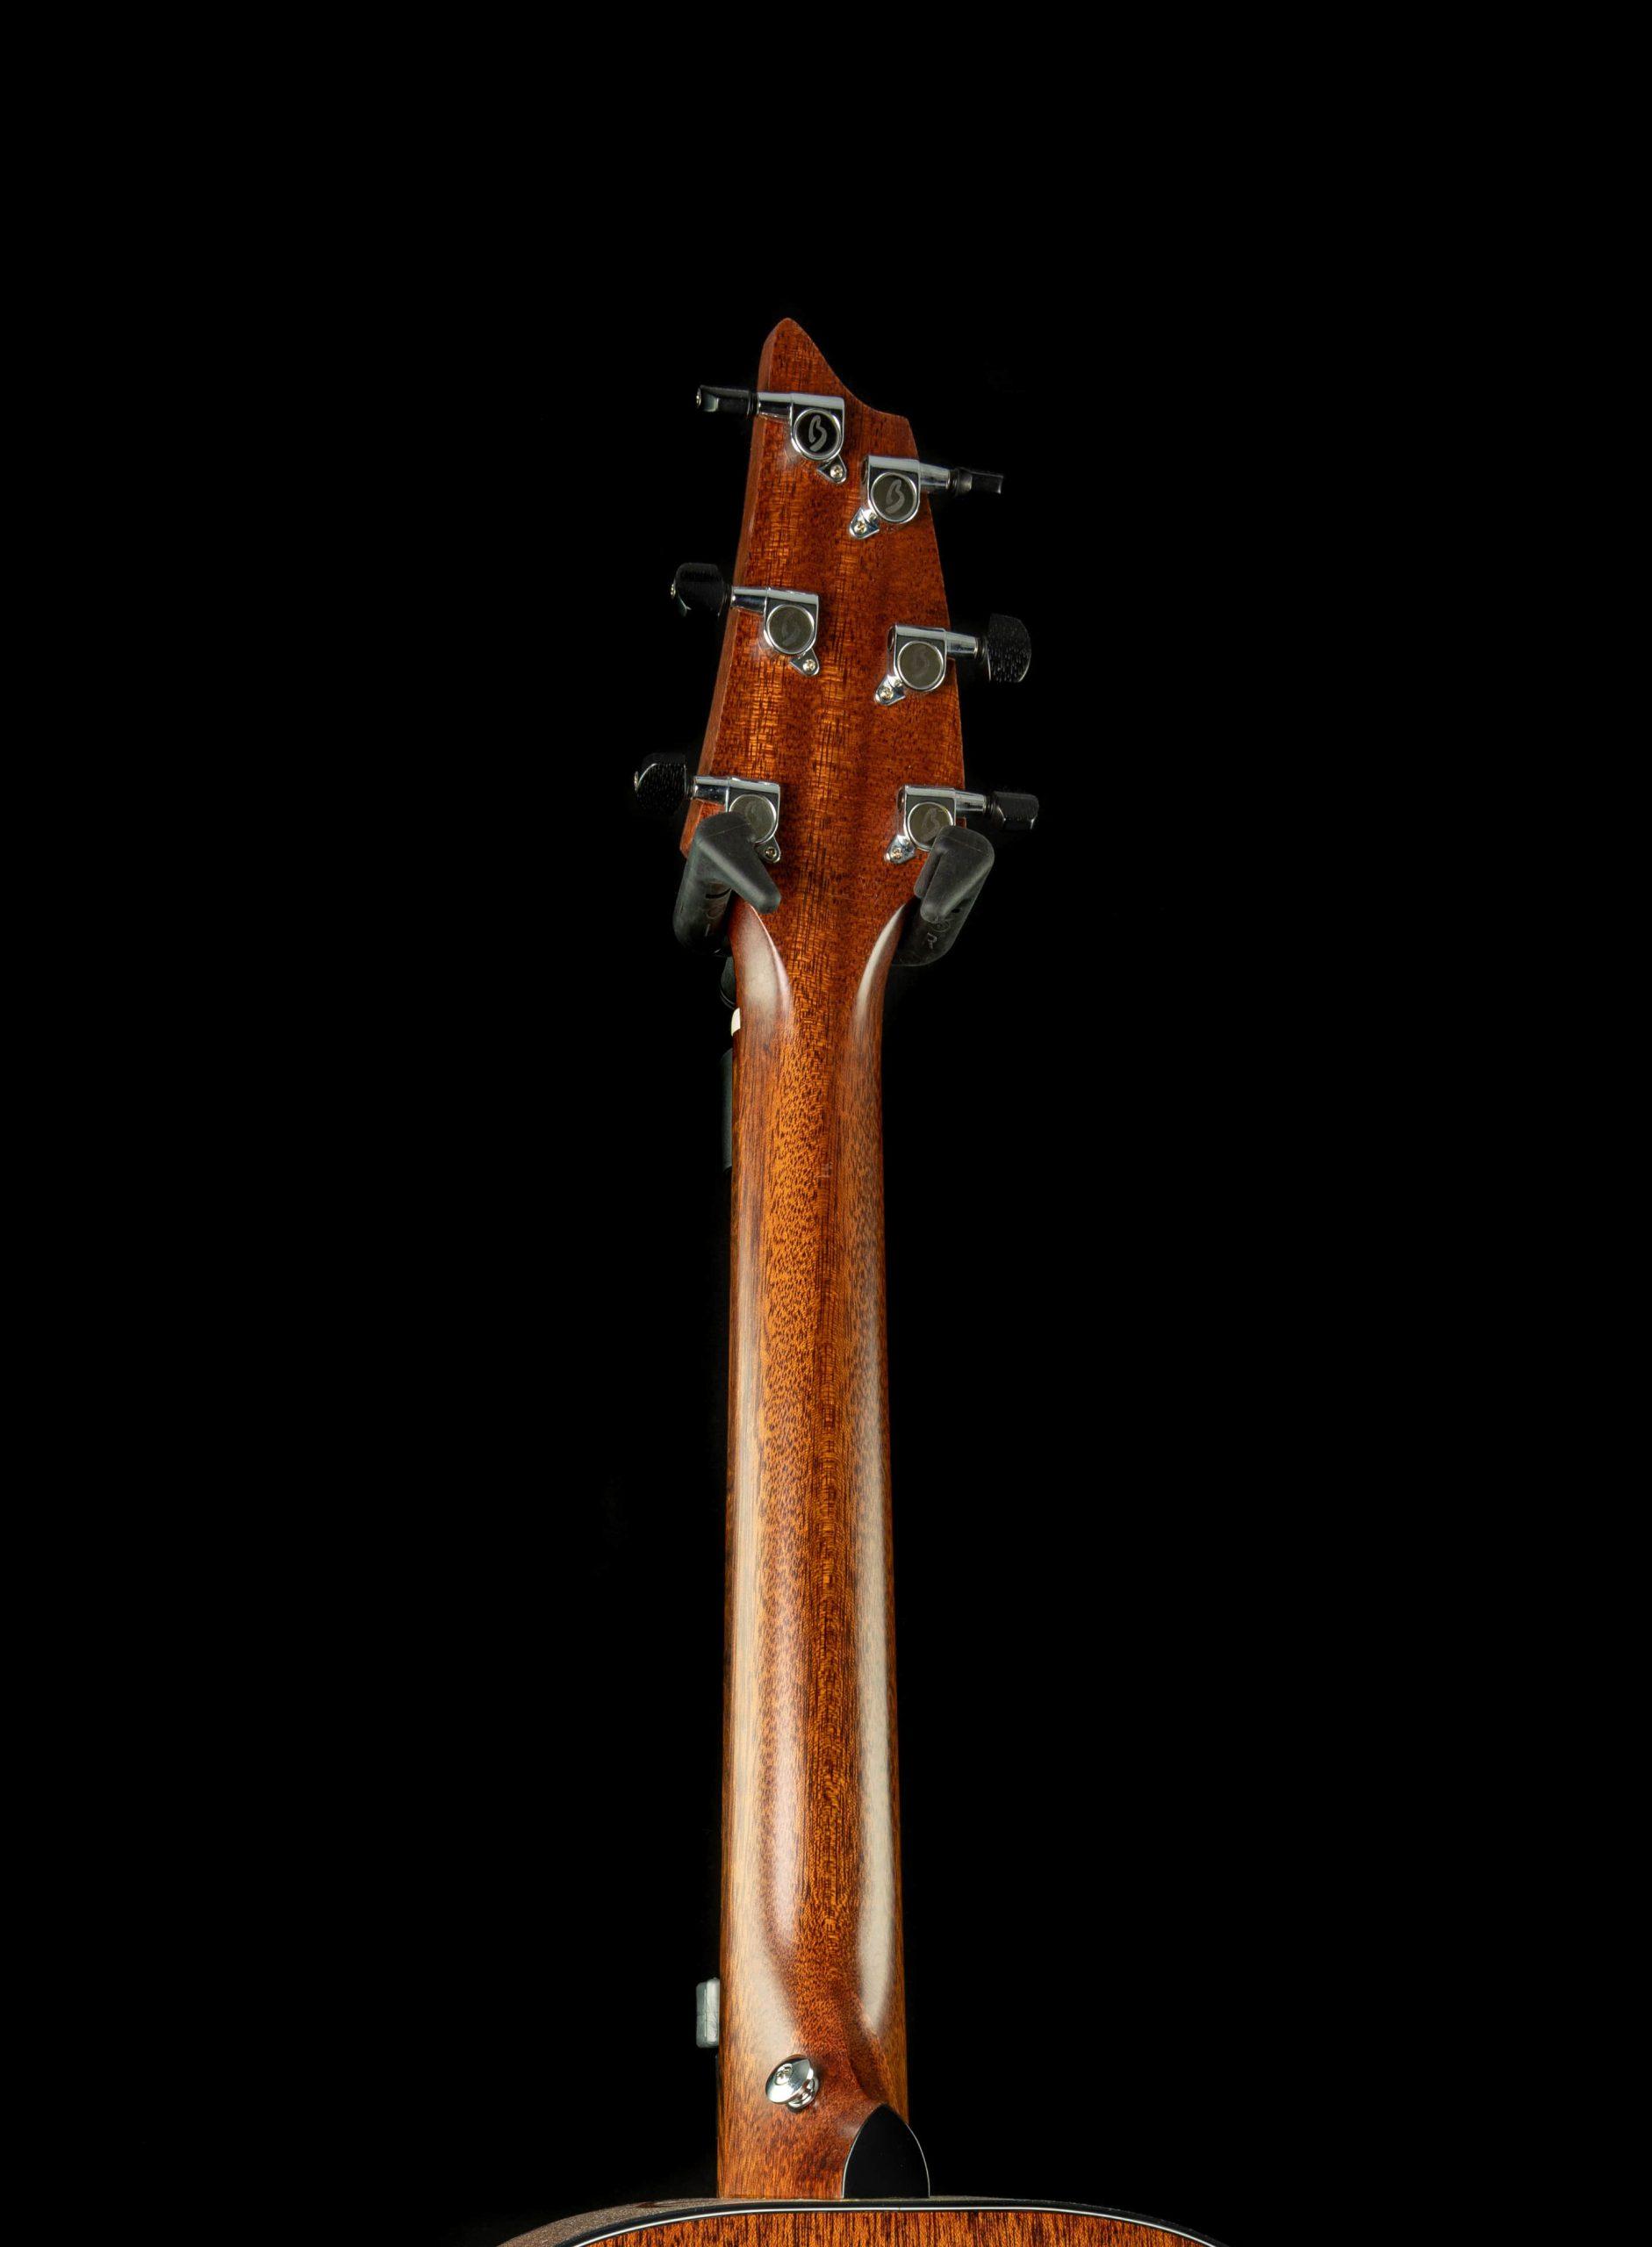 Breedlove Signature Companion Copper E